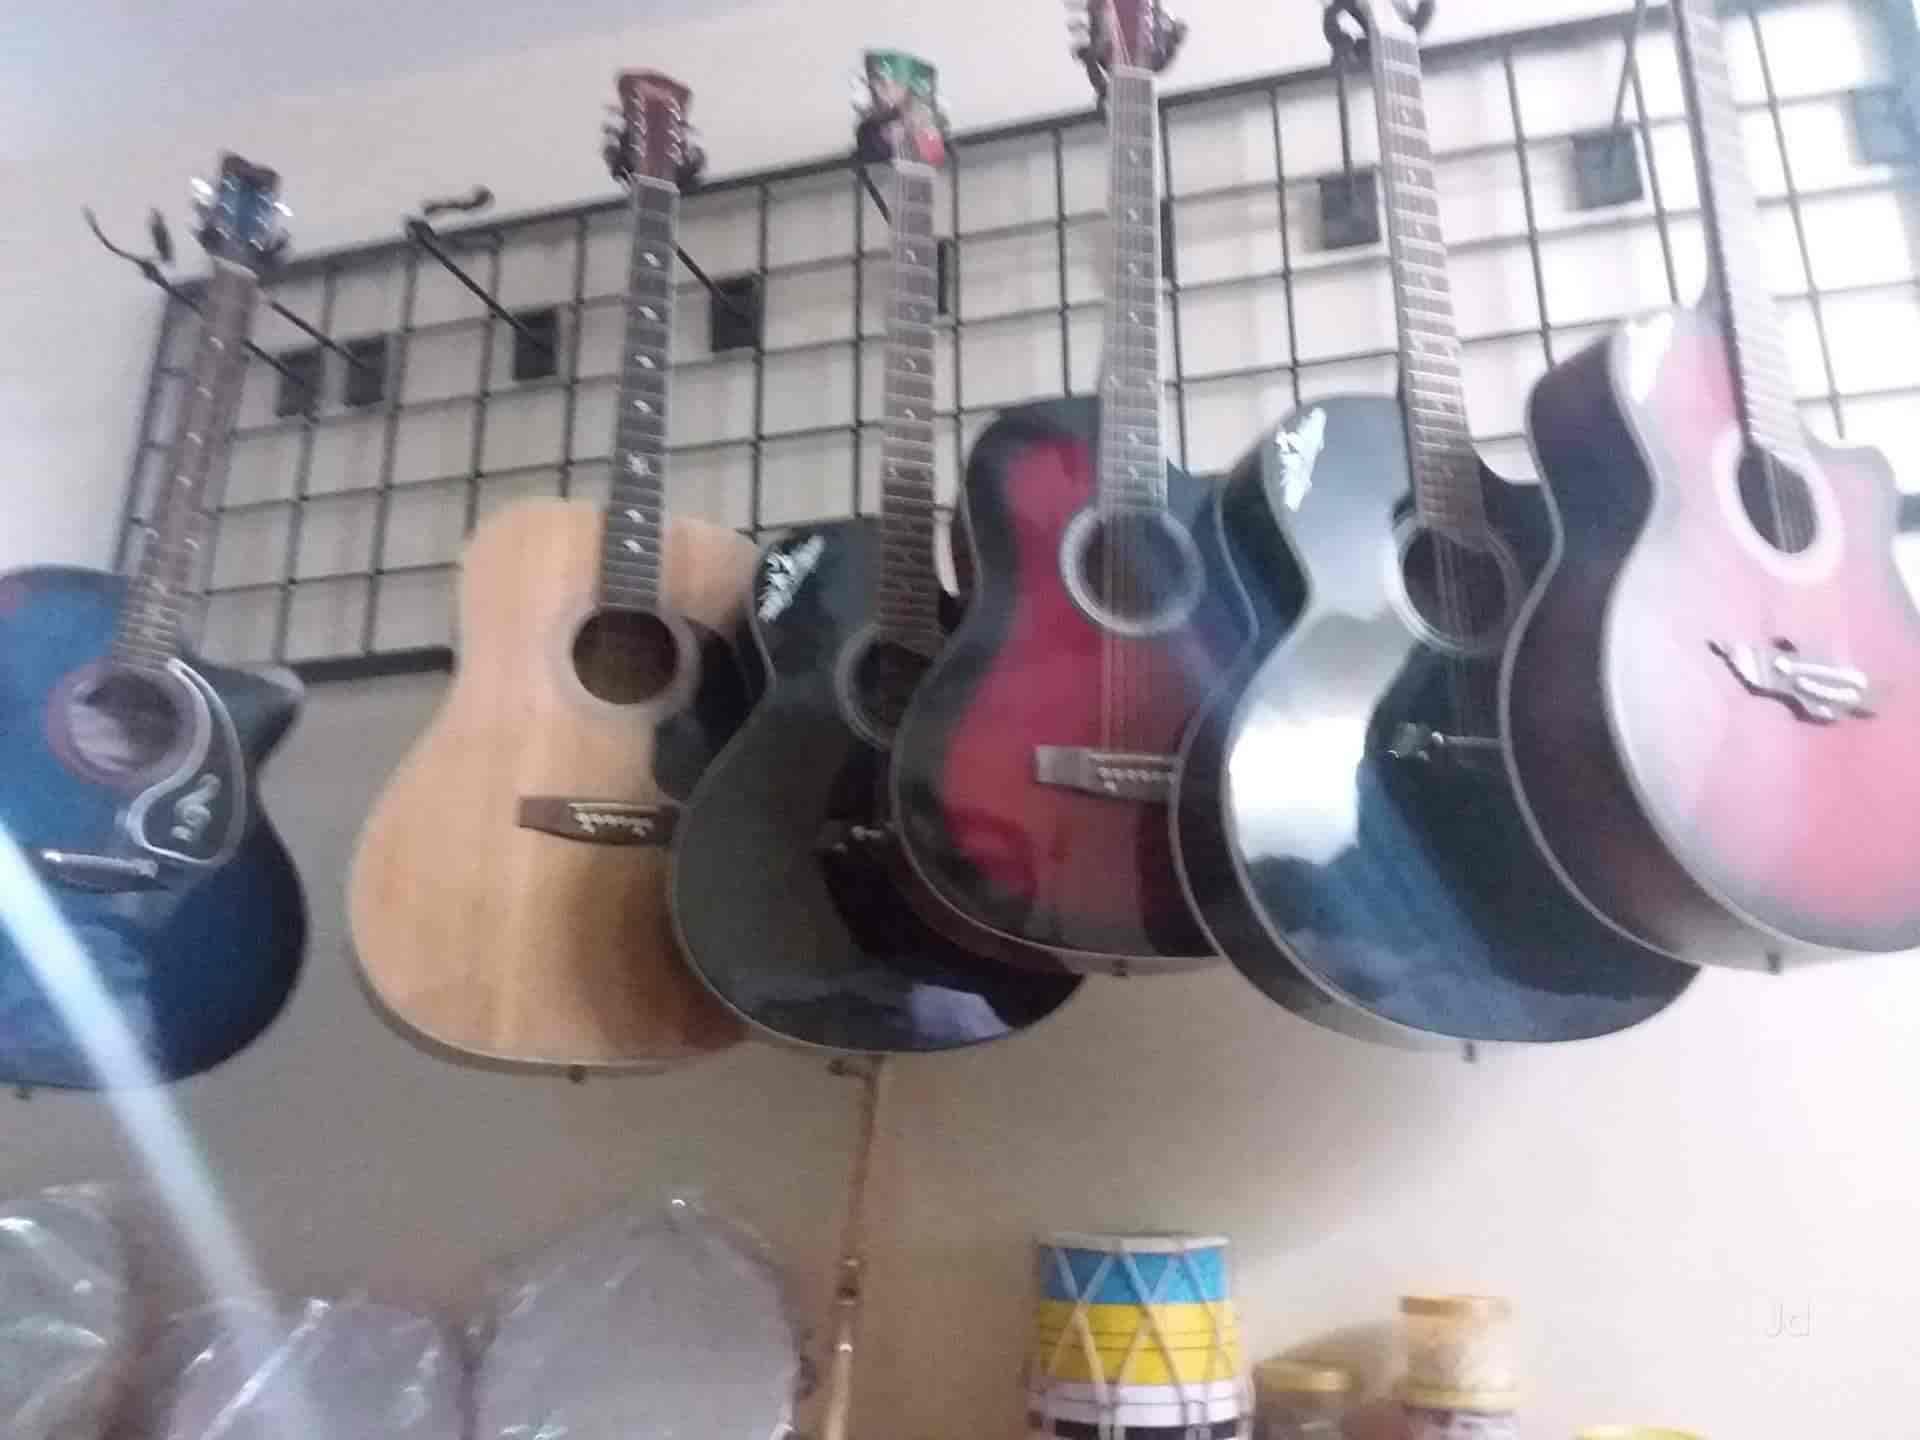 D K Musical, Vasant Kunj - Guitar Dealers in Delhi - Justdial